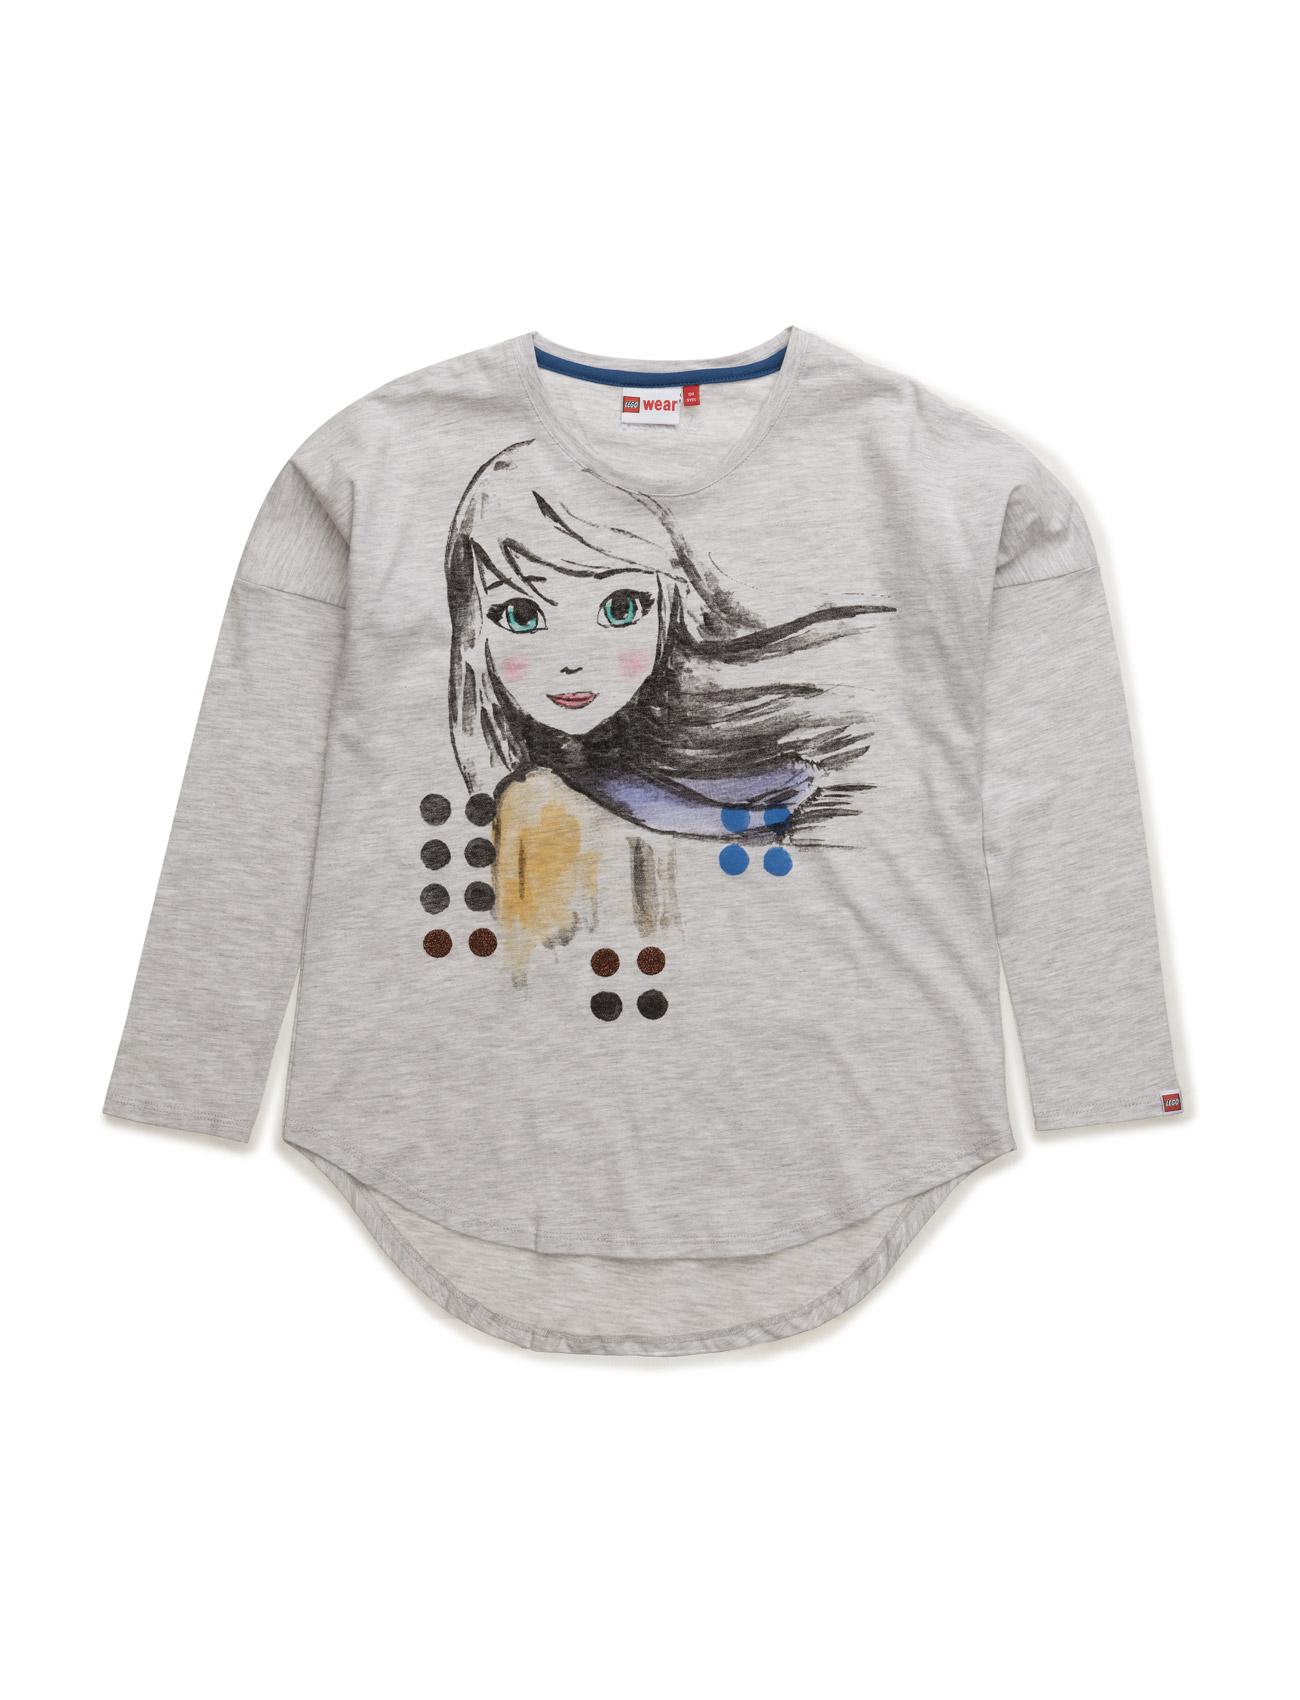 Tamara 702 - T-Shirt L/S Lego wear Langærmede t-shirts til Børn i Light Beige